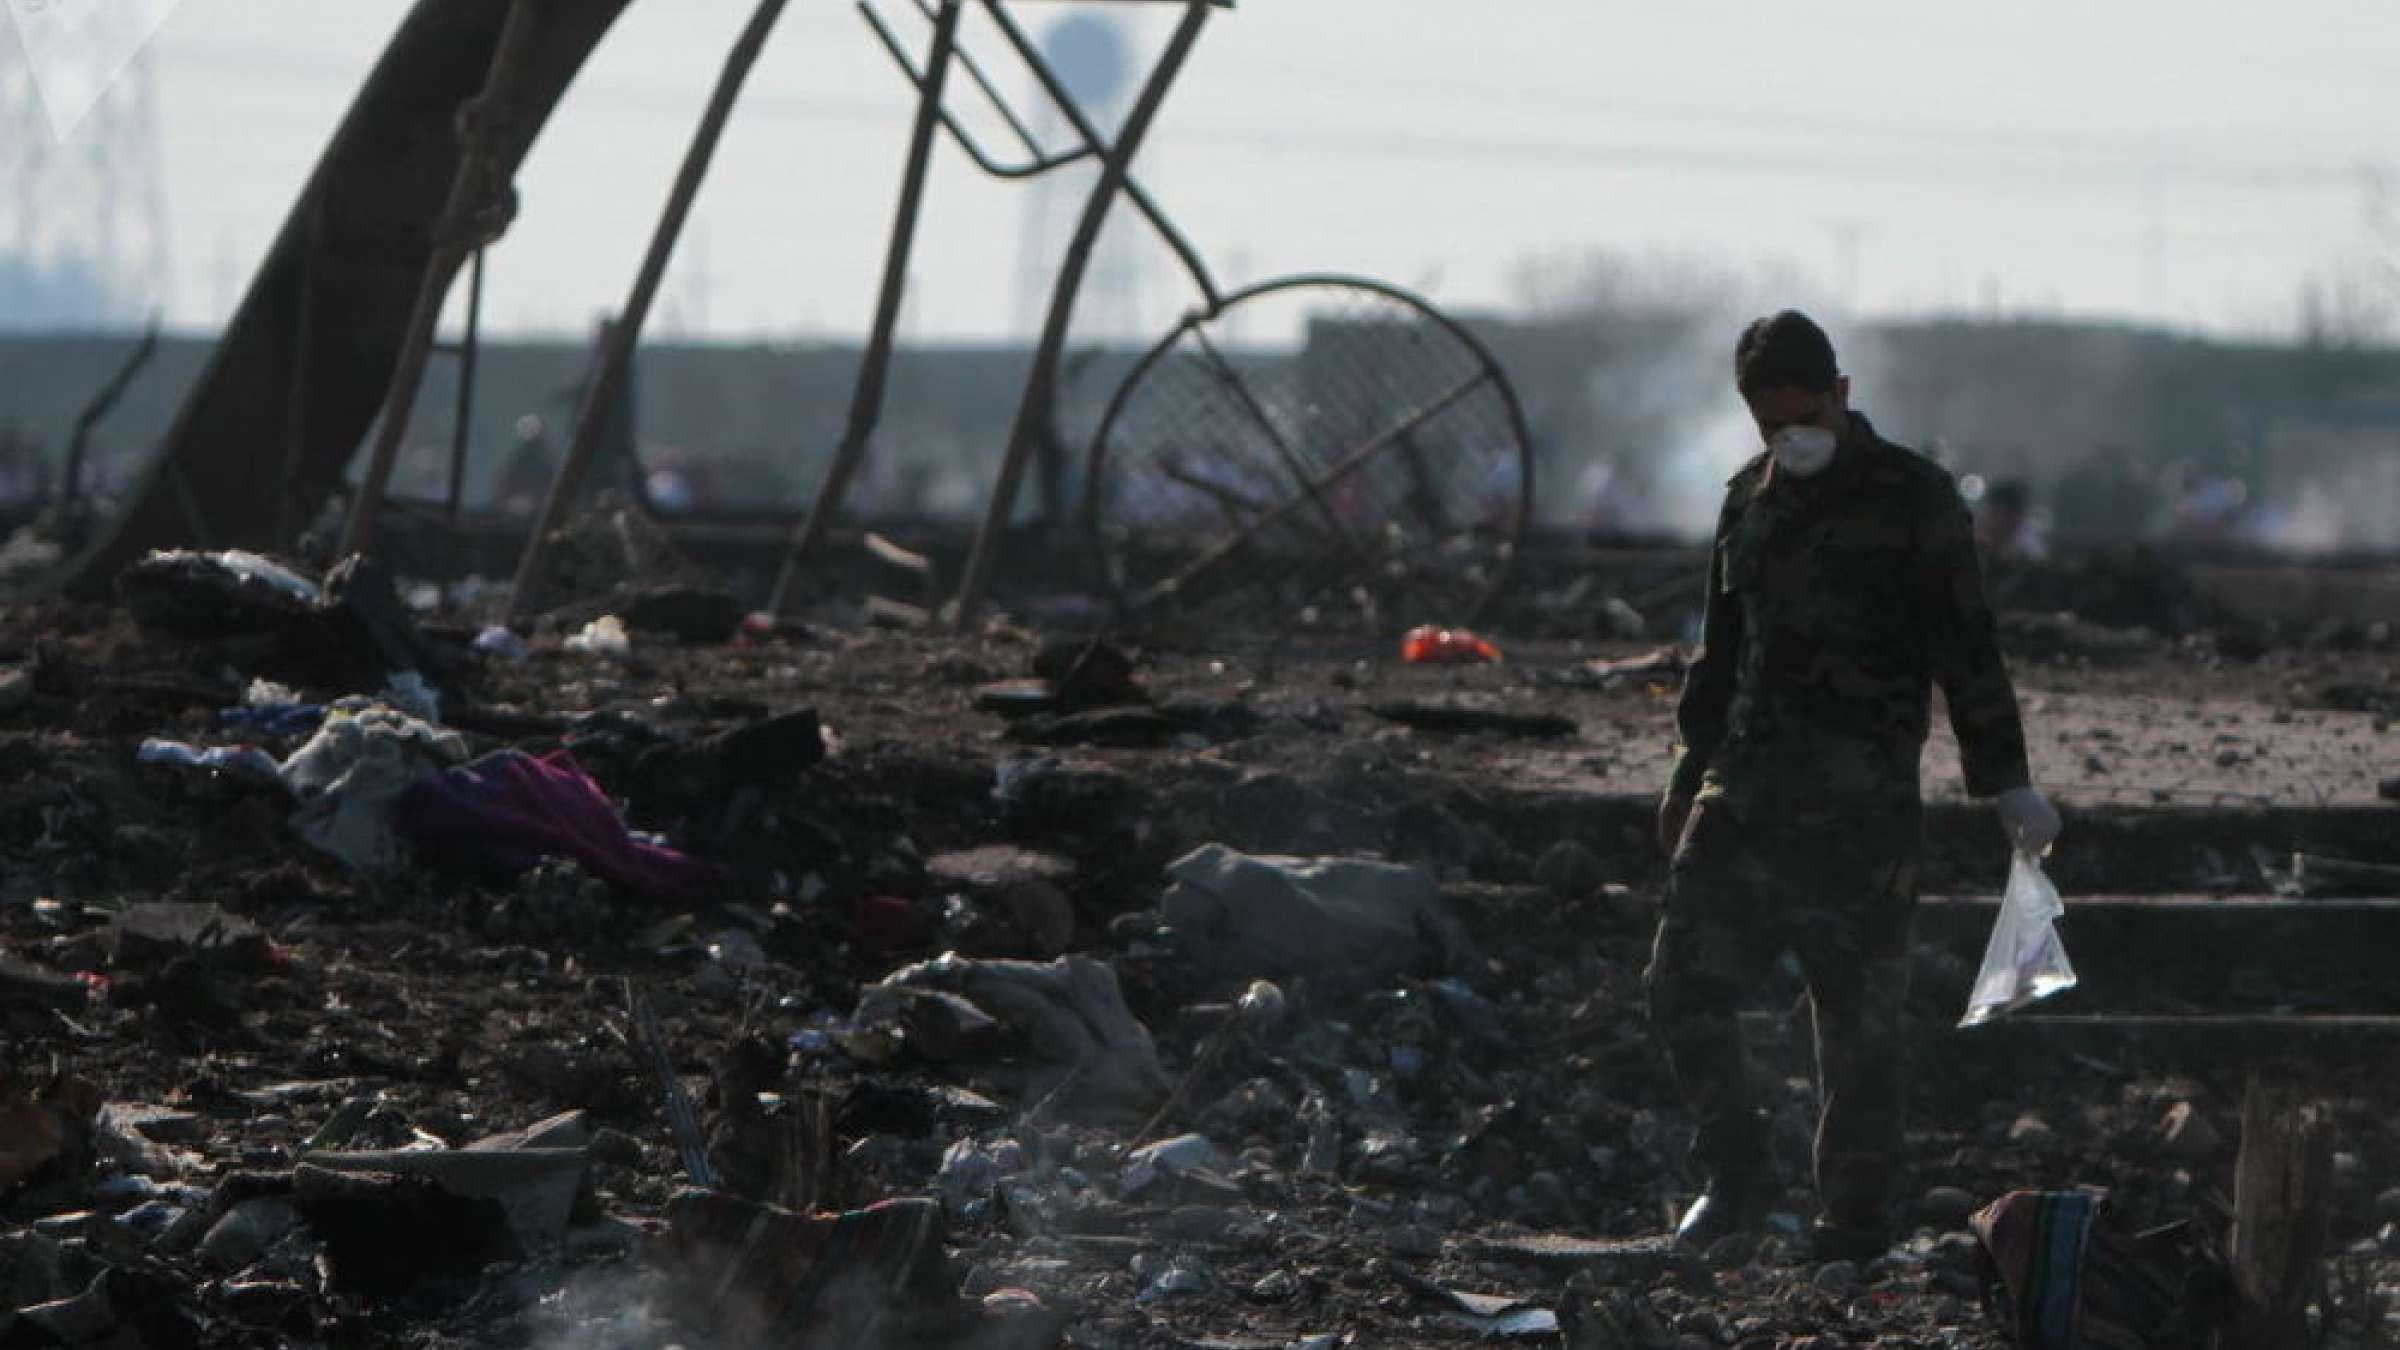 انتشار-یک-فایل-صوتی-جدید-درباره-هواپیما-اوکراینی-پرواز-۷۵۲-قربانی-نقشه- نظامی-جمهوری-اسلامی-برای-حمله-به-پایگاه-آمریکایی-شده-است